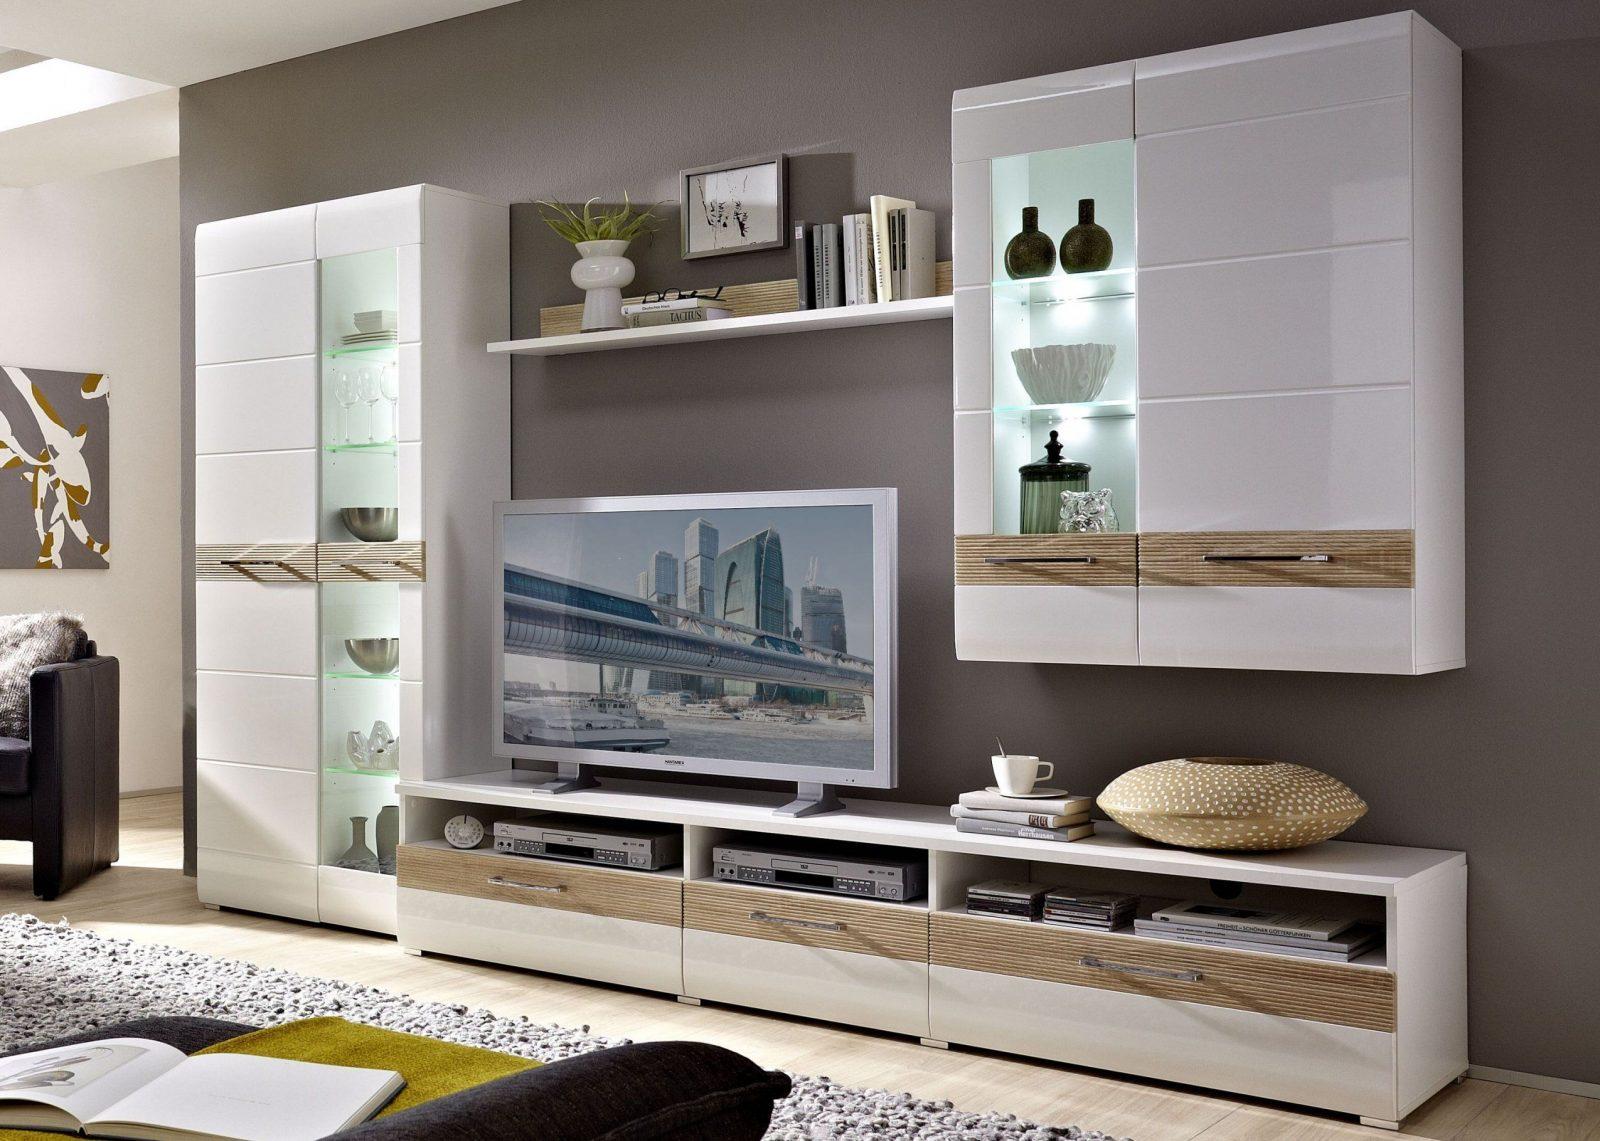 Wohnwand Weiß Hochglanz Holz Herrlich Wohnzimmer Mit Cm Breite von Wohnwand Weiß Hochglanz Holz Bild